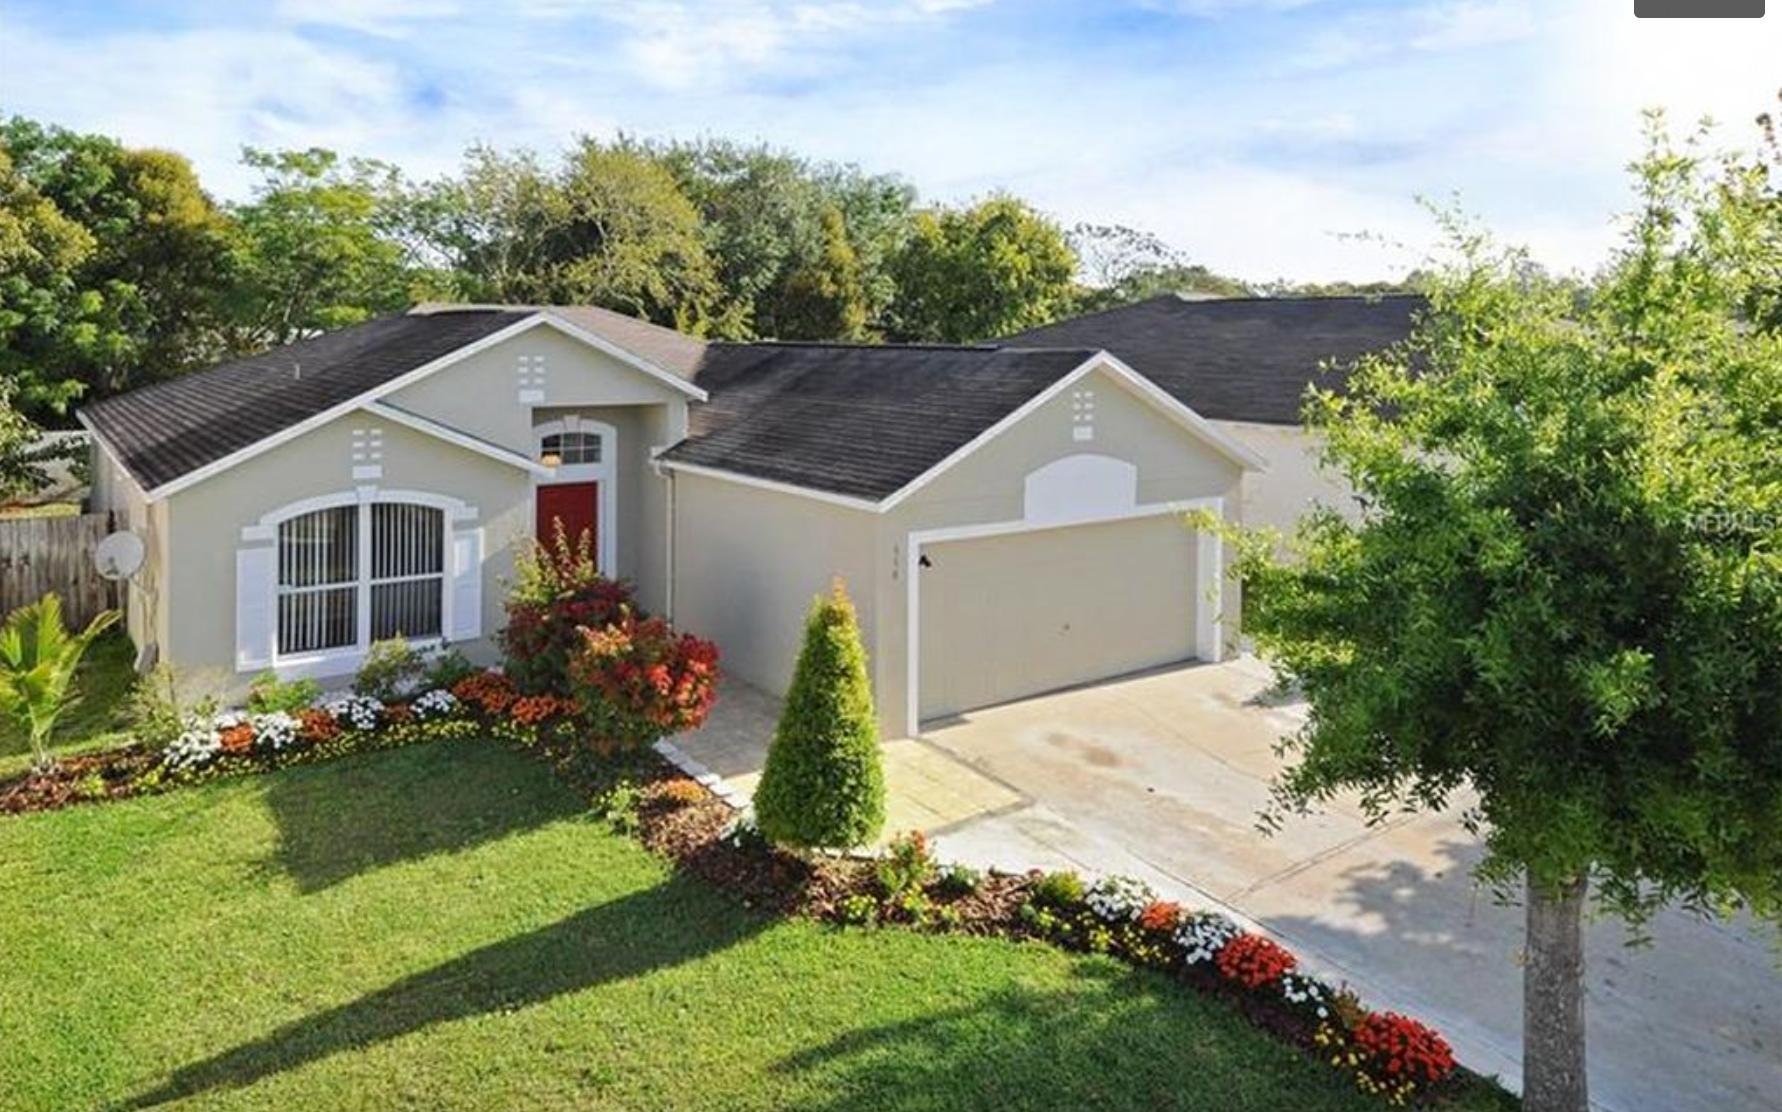 516 Grand Royal Cir For Rent - Winter Garden, FL | Trulia